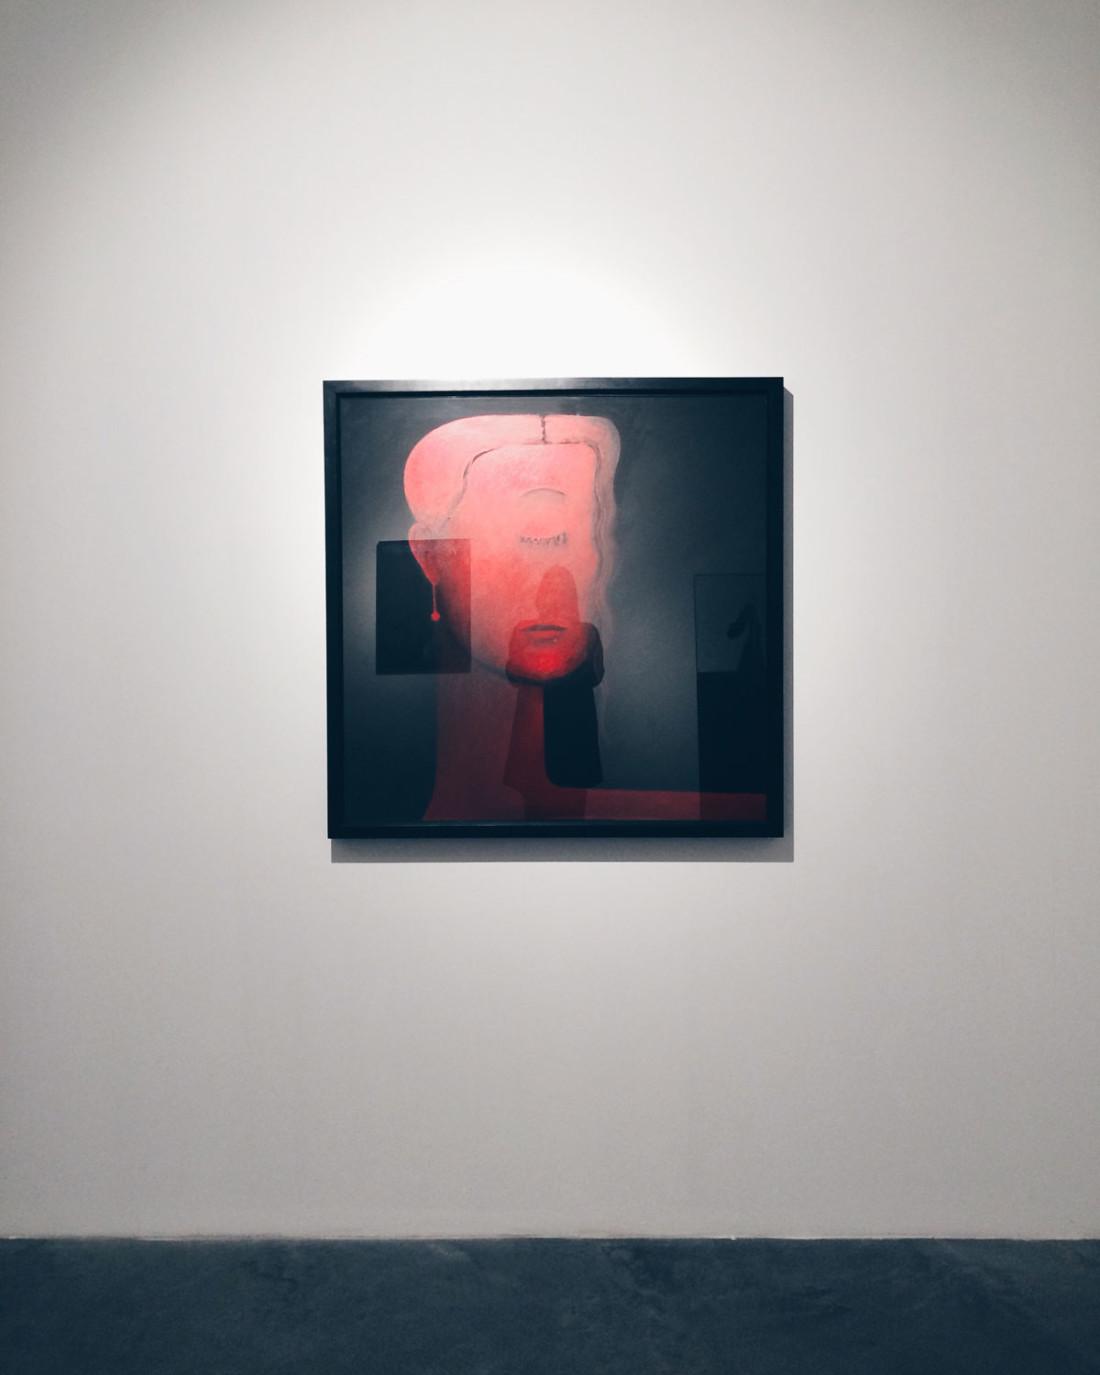 Gino De Dominicis, Ritratto d'Alessandra, 1997-1998 Olio su tela | oil on canvas 100x100 Collezione Privata | Private Collection Modena